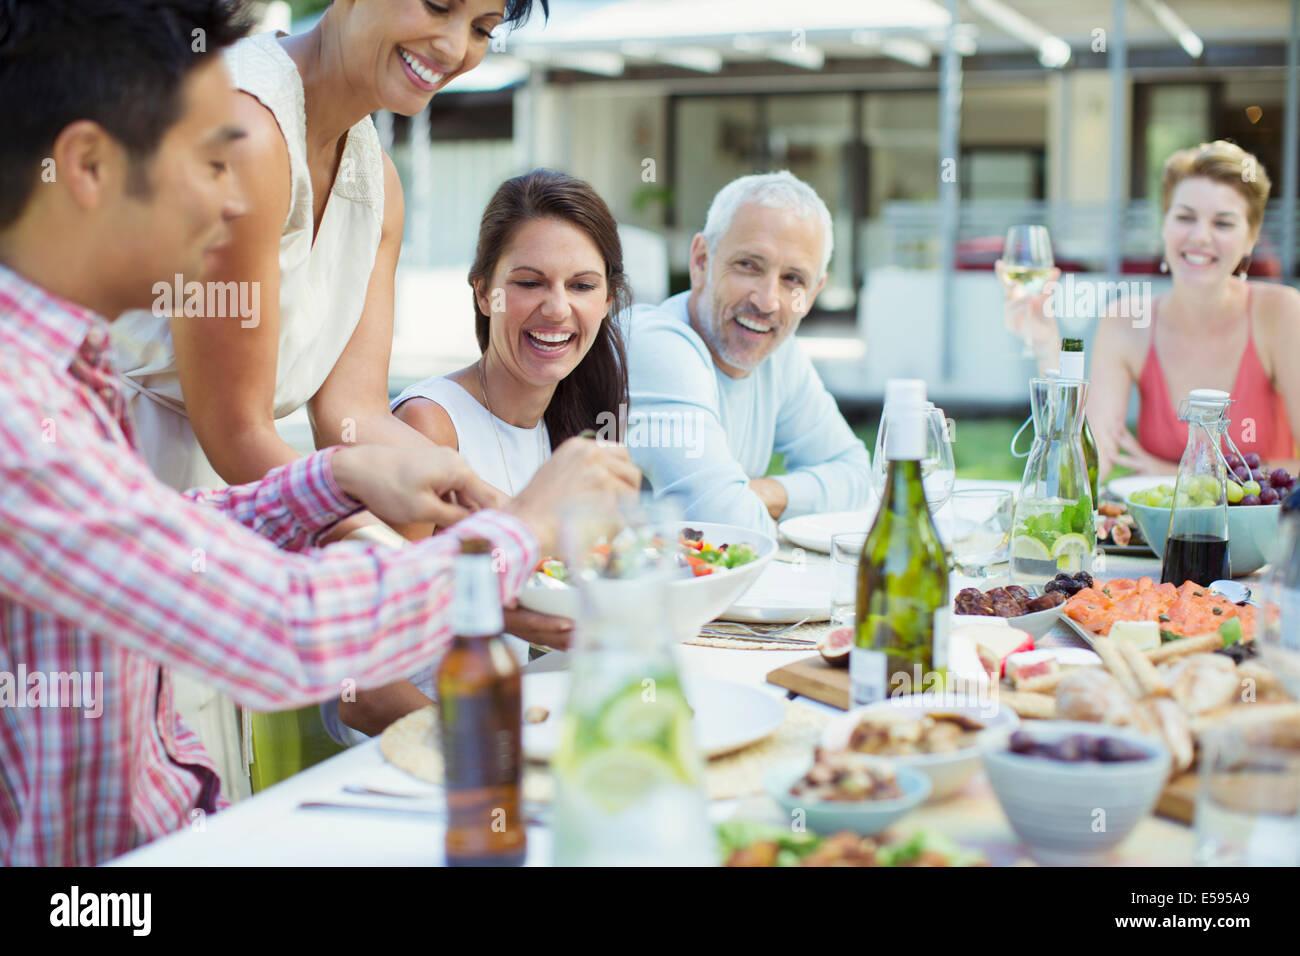 Mujer sirviendo a los amigos de la fiesta Imagen De Stock